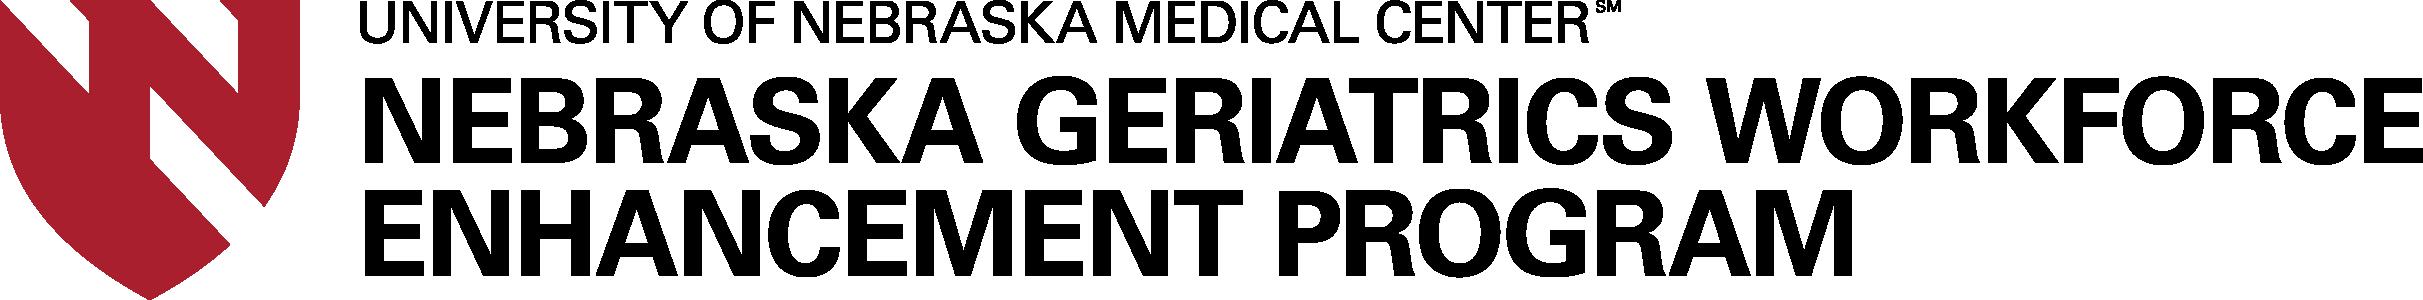 NebraskaGWEP